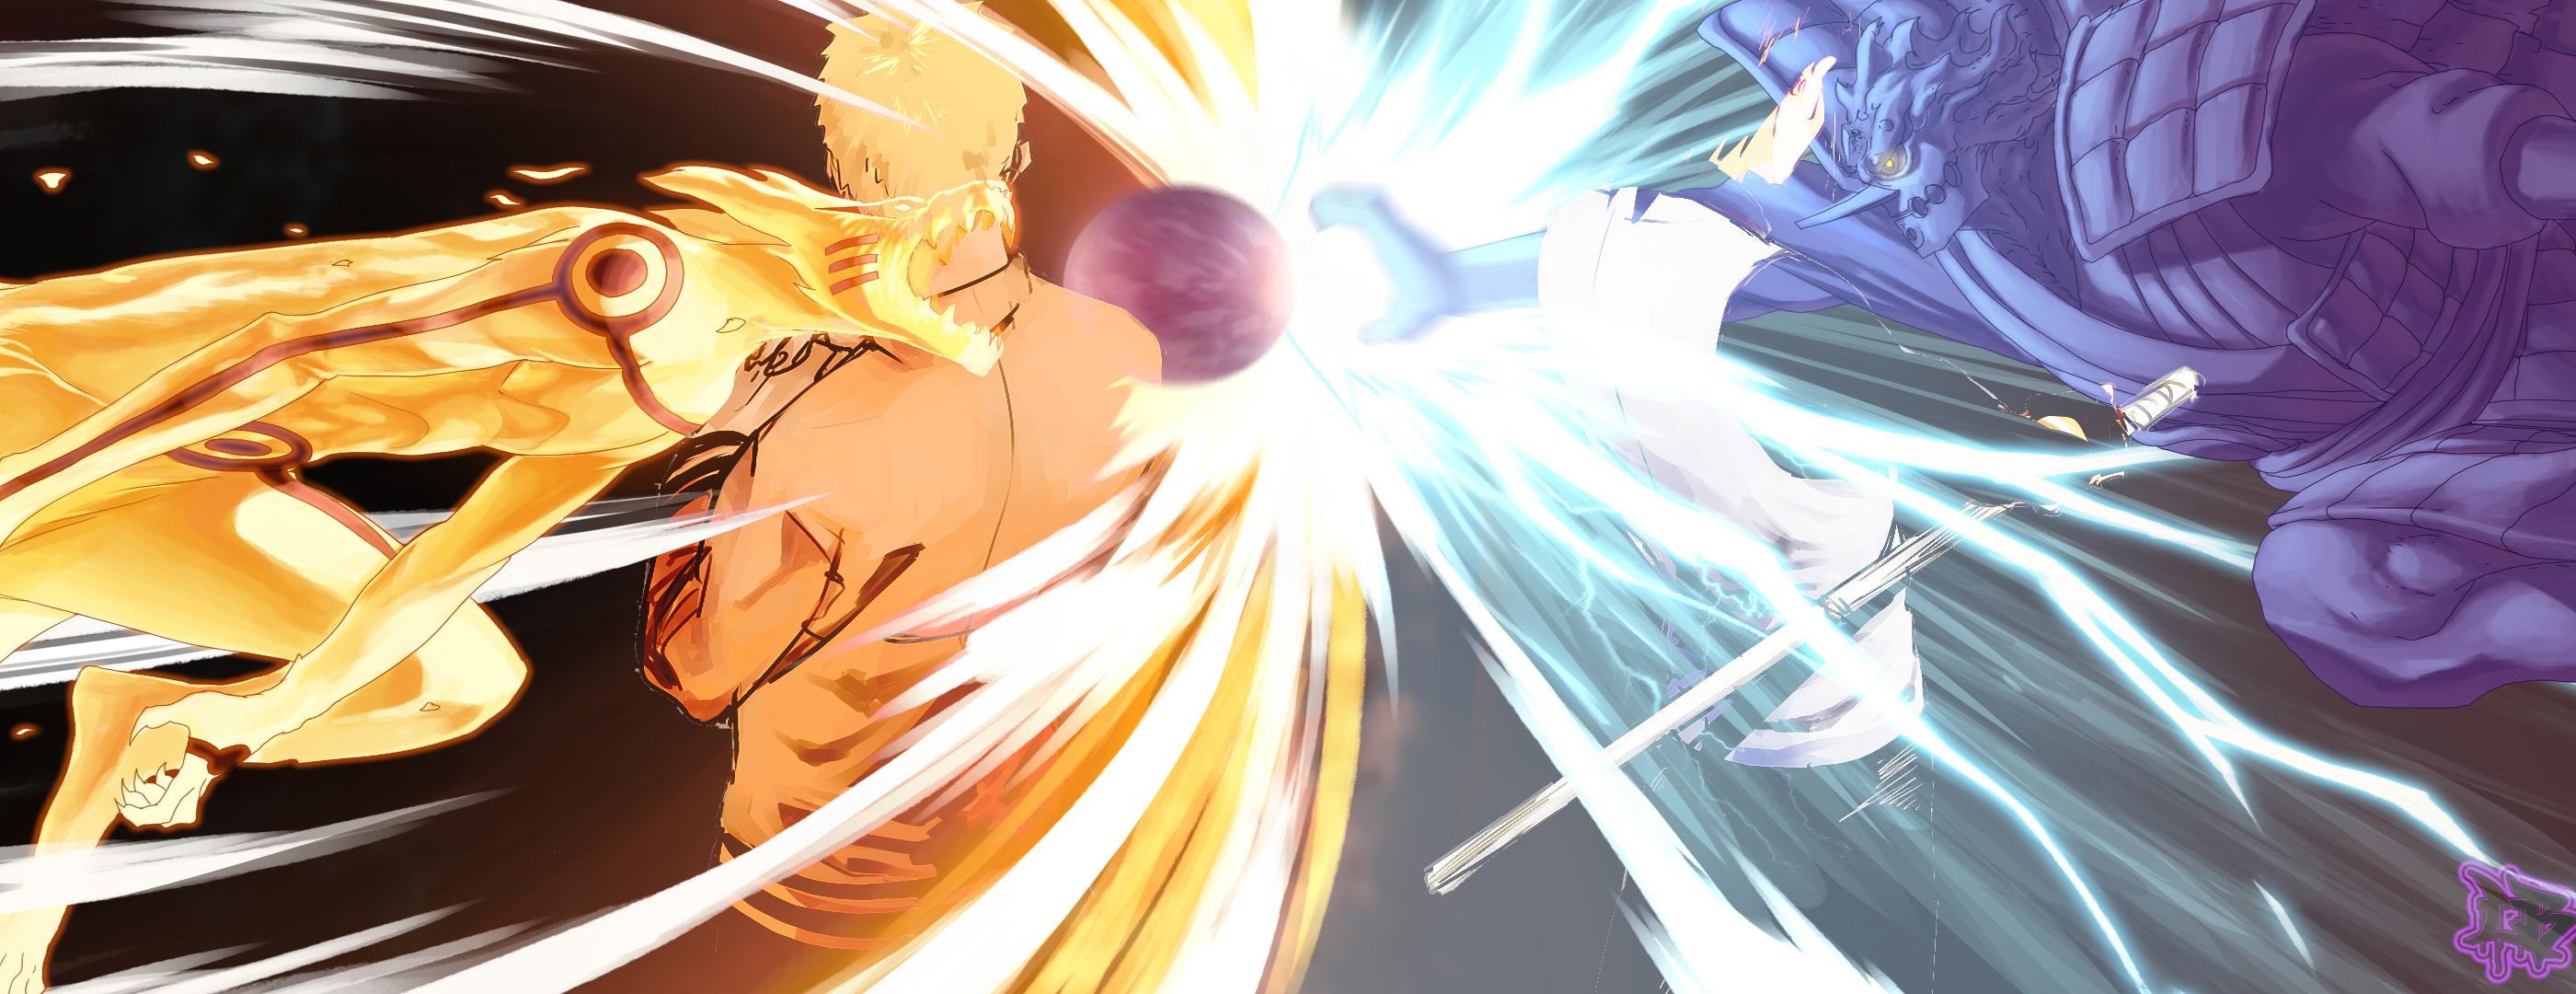 Wallpaper Naruto Shippuuden Uzumaki Naruto Uchiha Sasuke